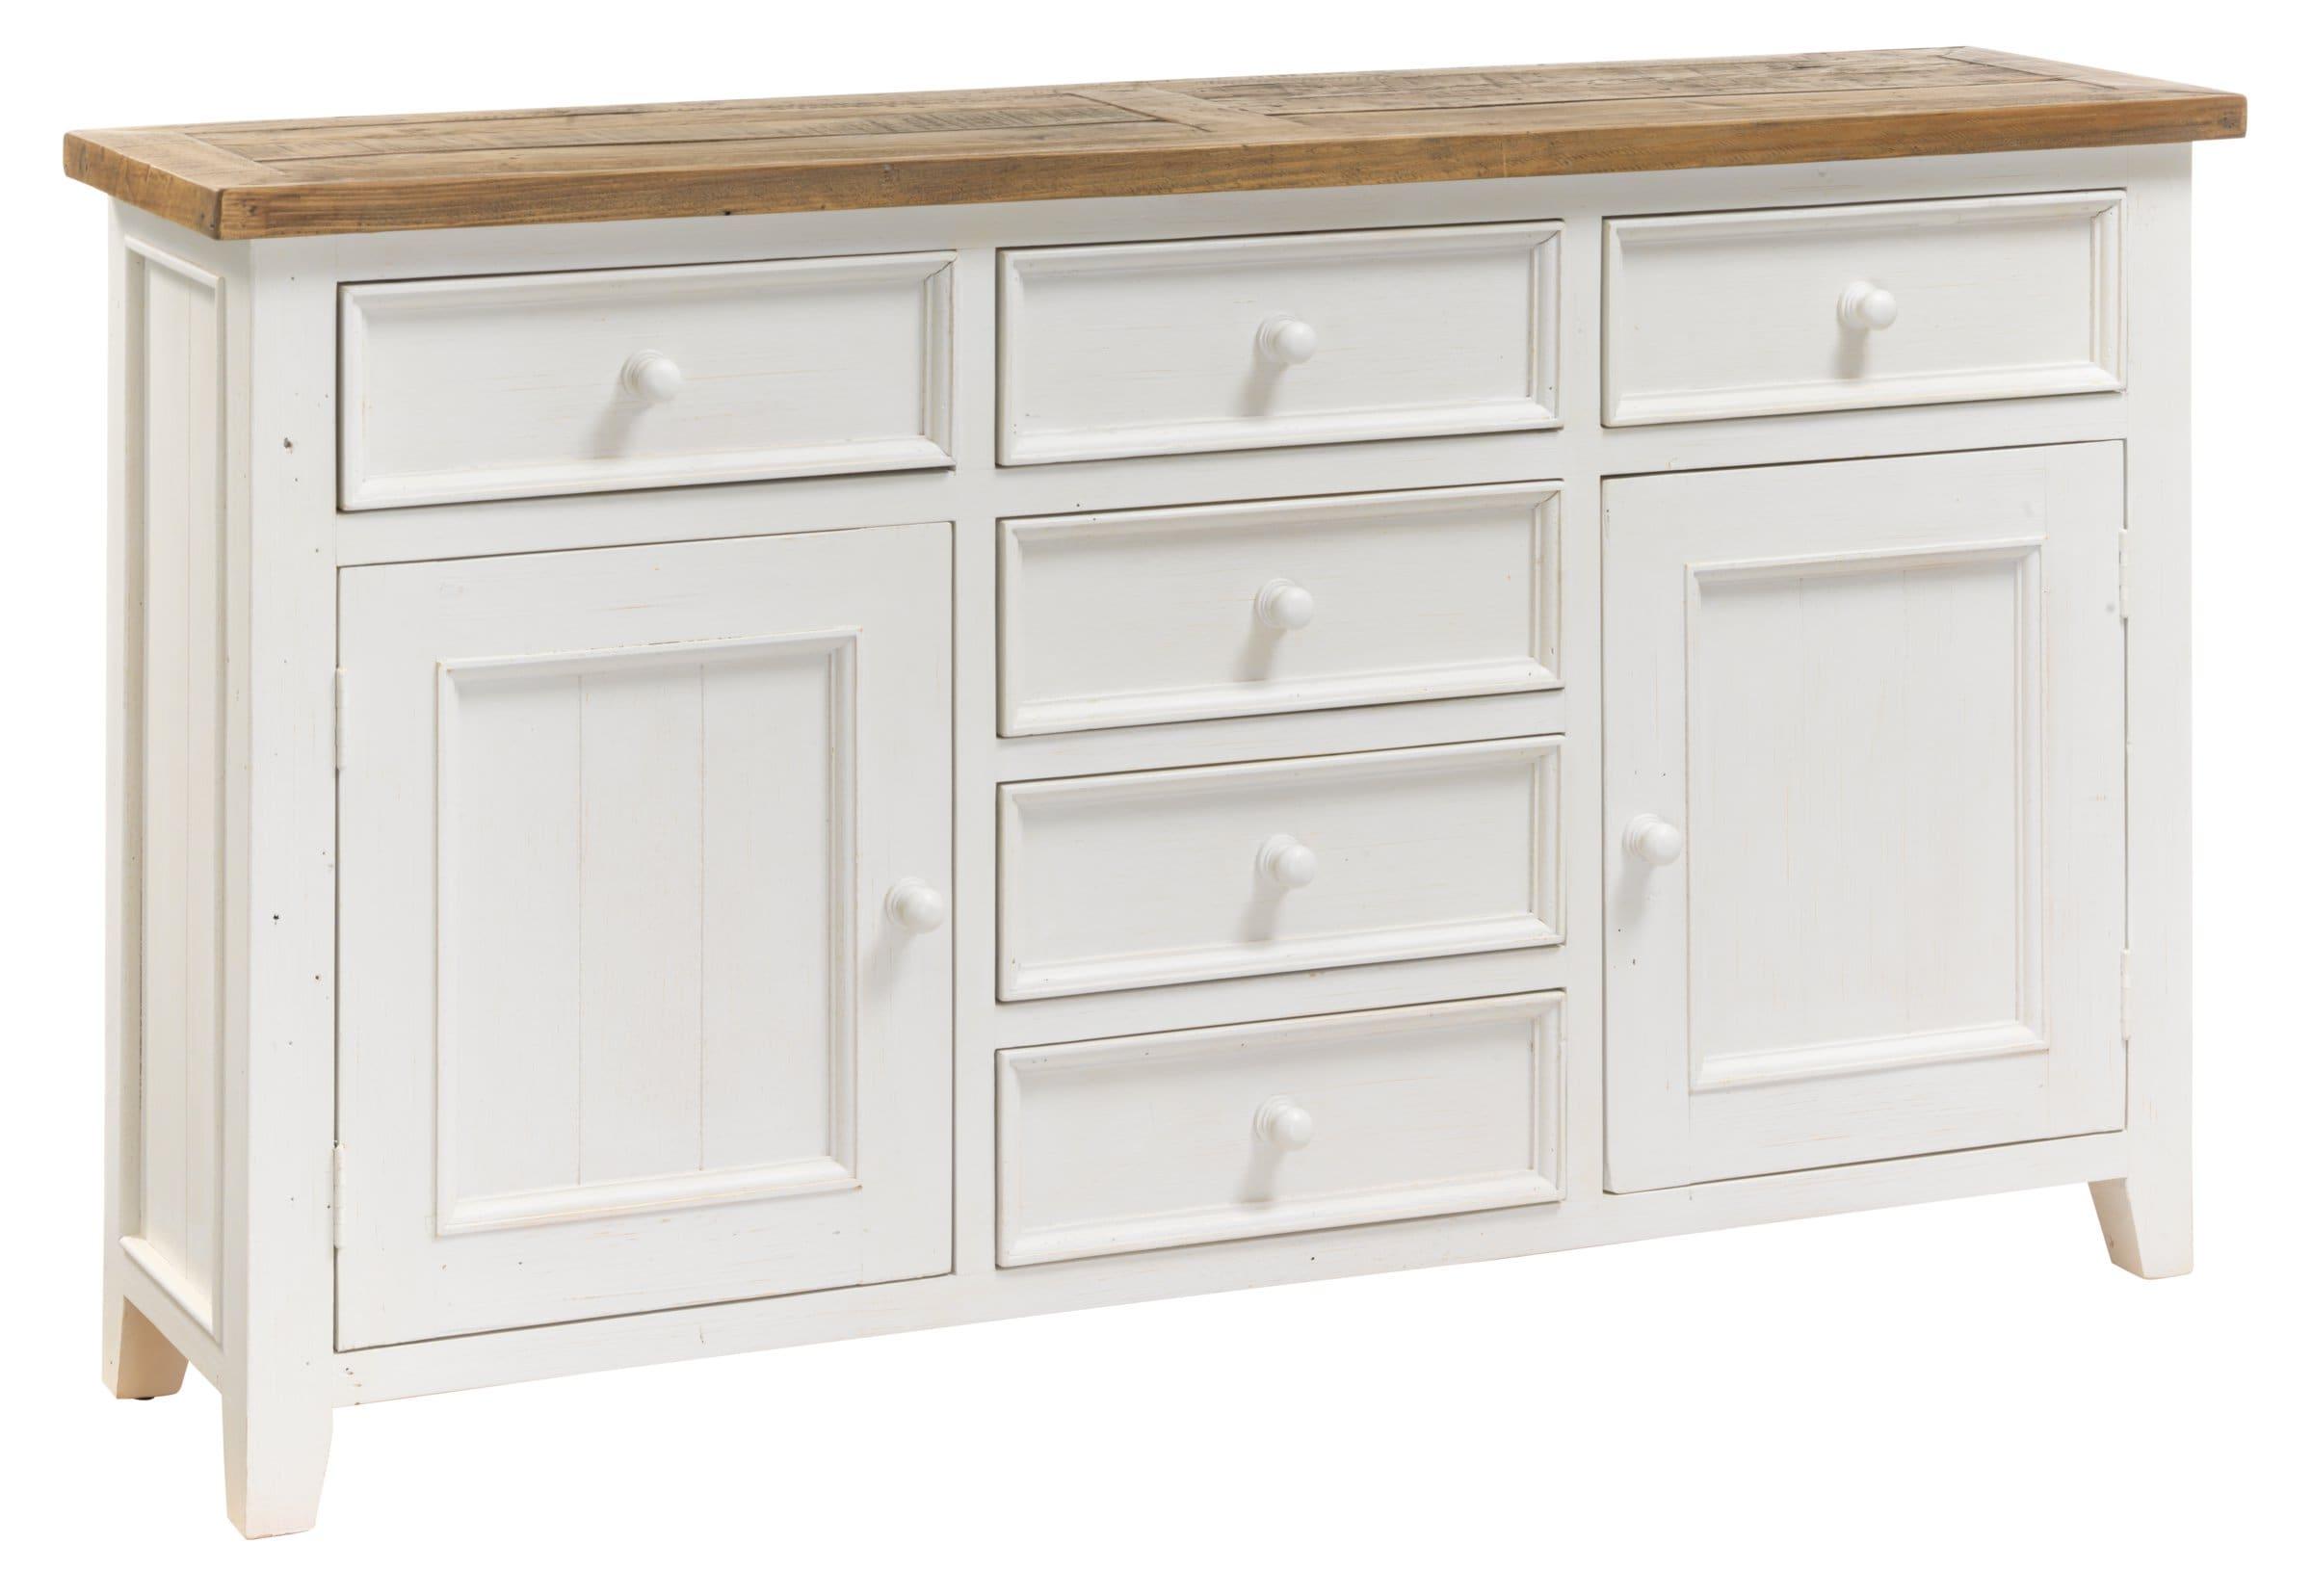 botta sideboard migros. Black Bedroom Furniture Sets. Home Design Ideas